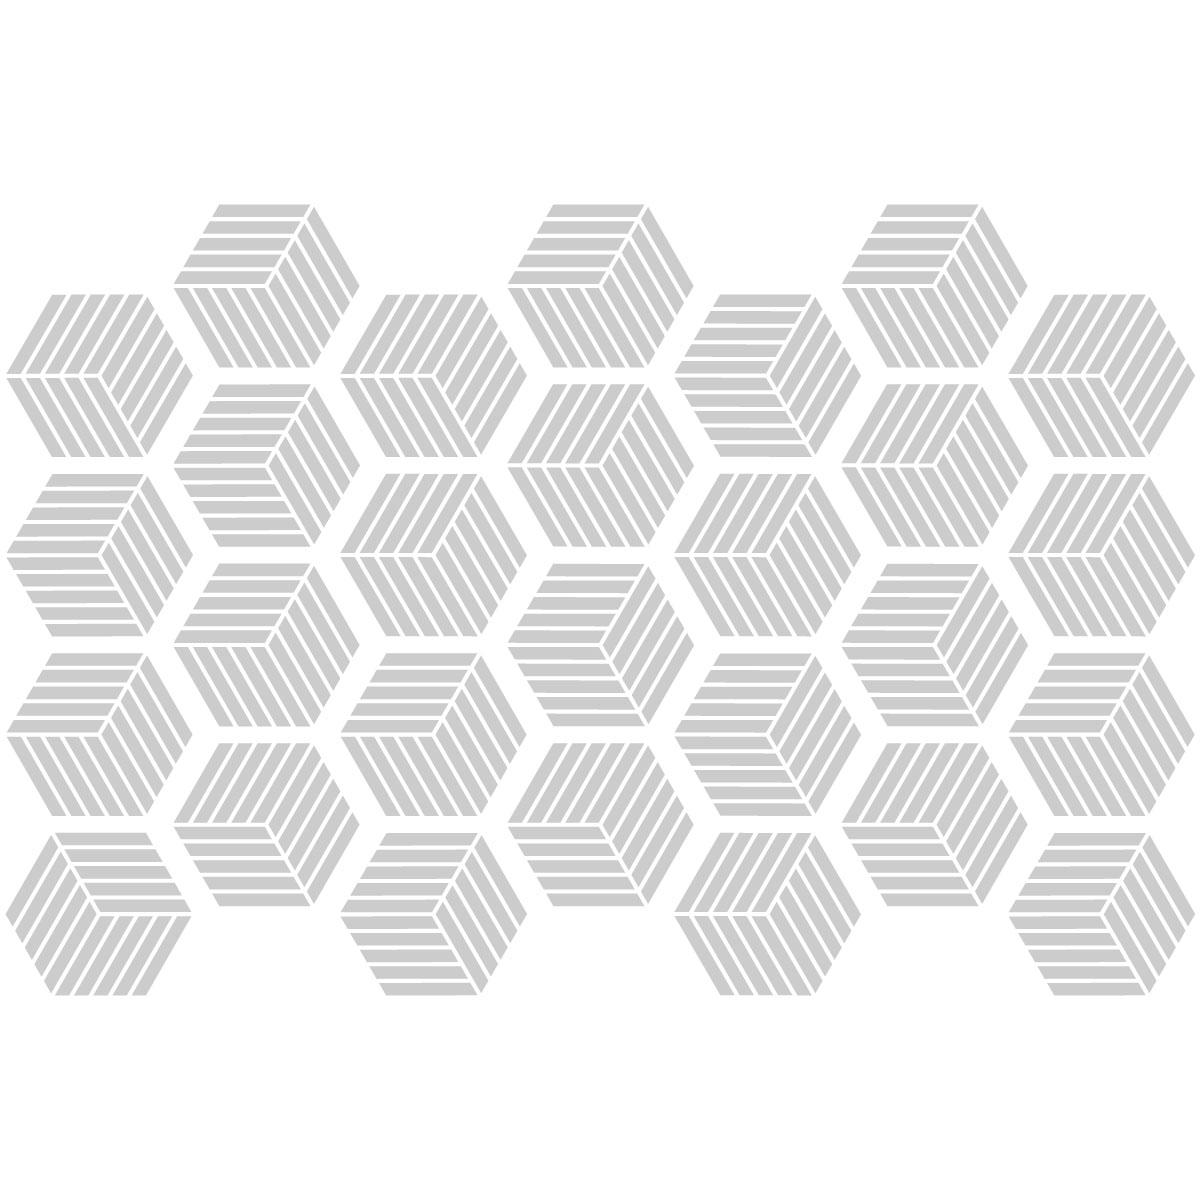 stickers carrelages hexagones nuance de gris design salle de bain et wc salle de bain. Black Bedroom Furniture Sets. Home Design Ideas